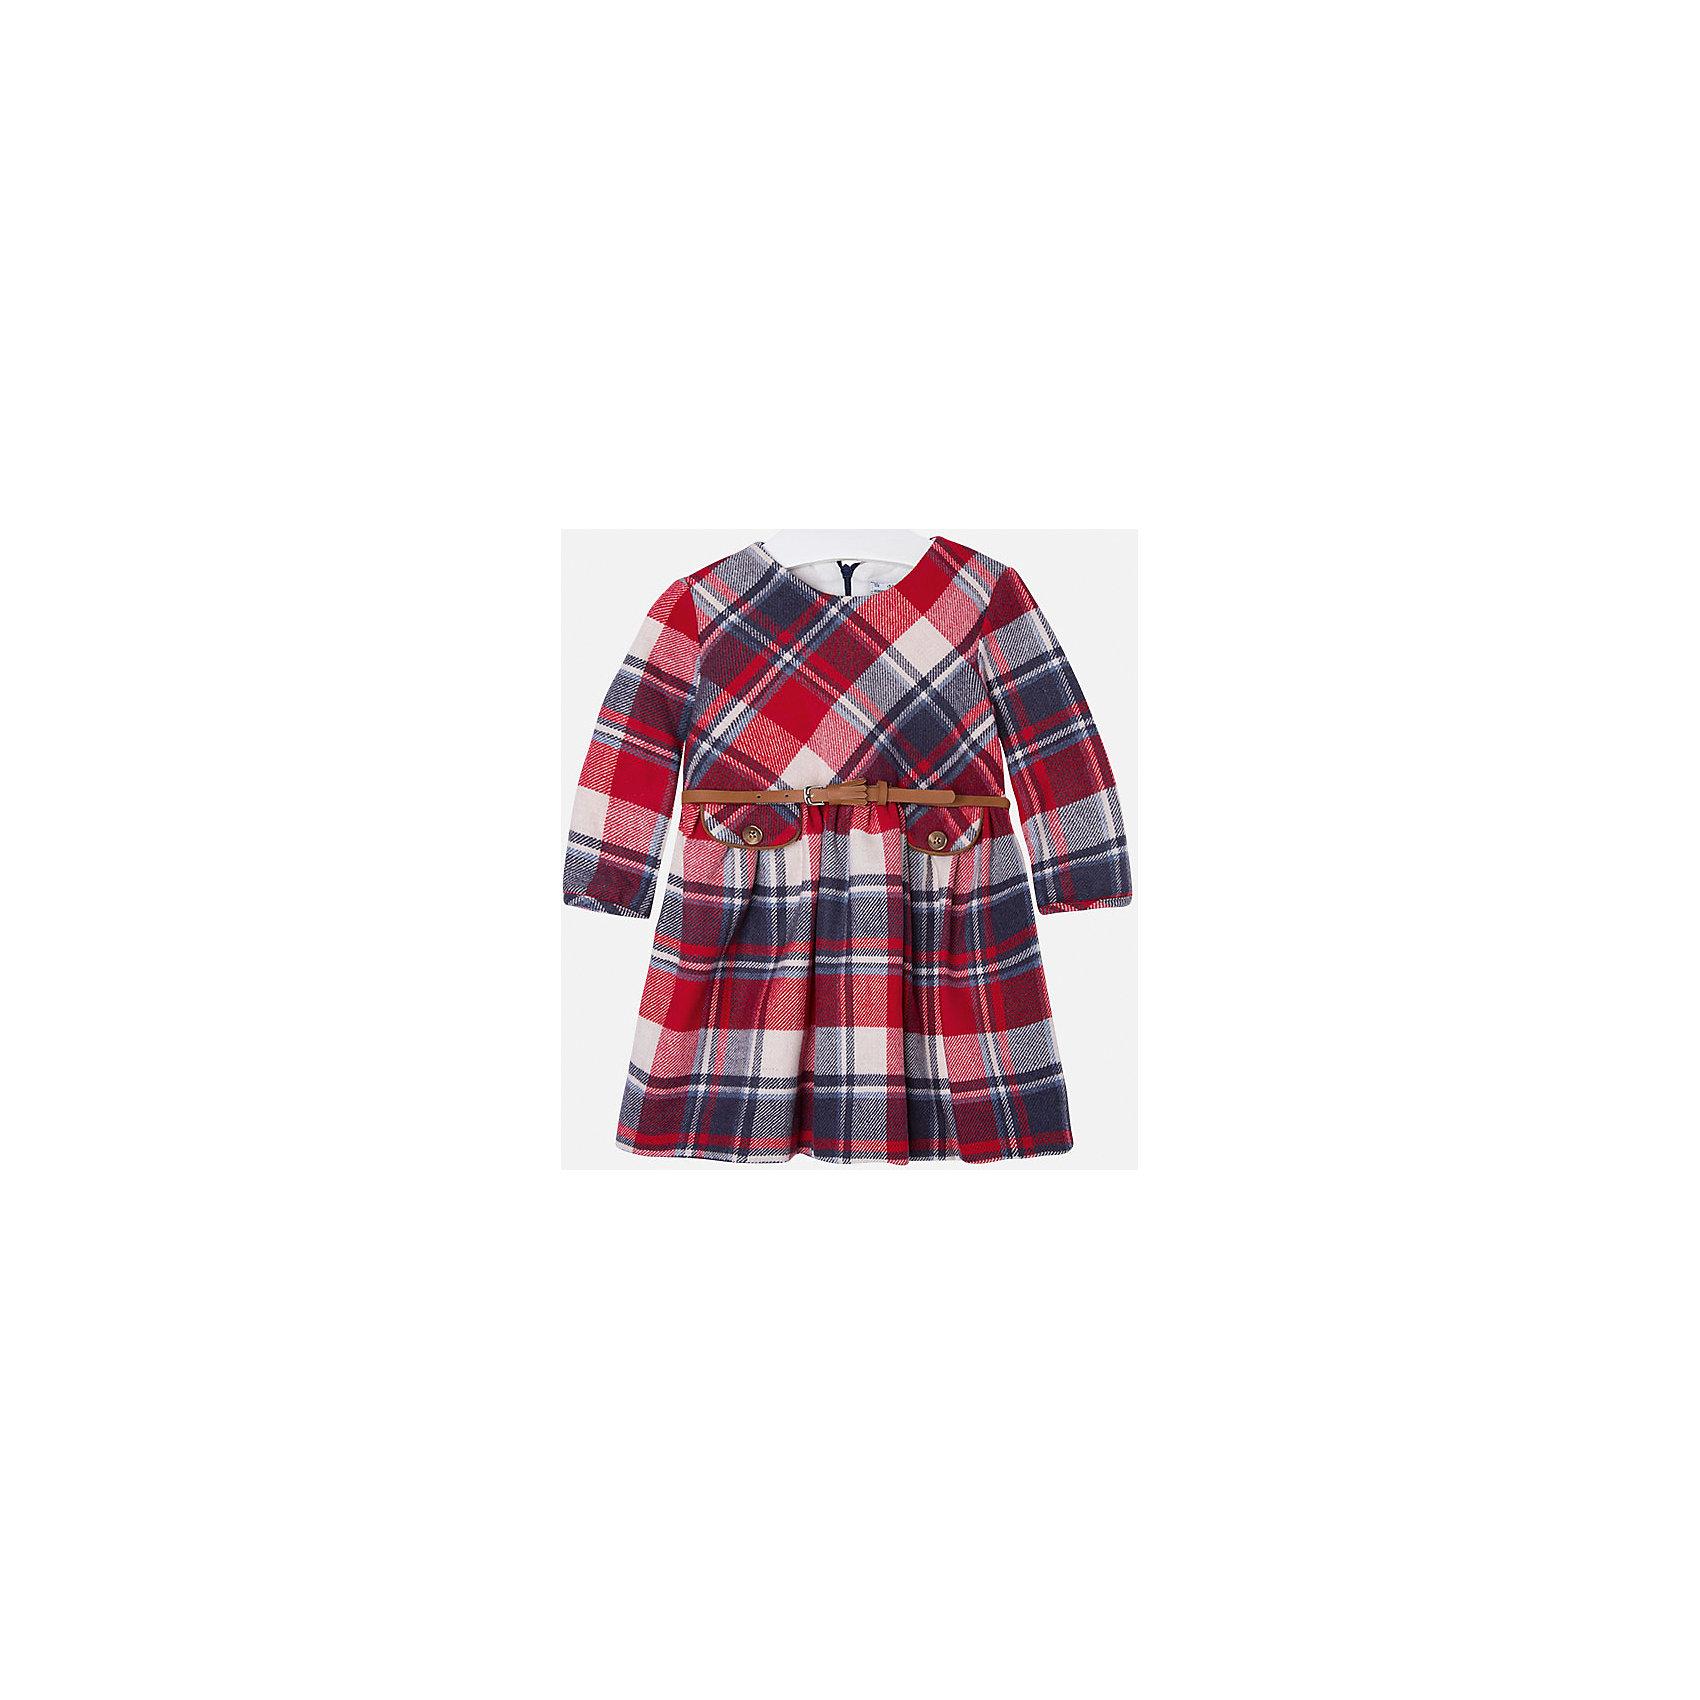 Платье для девочки MayoralПлатье для девочки от популярного испанского бренда Mayoral(Майорал). Модель с длинным рукавом и приталенным силуэтом. Спереди есть 2 декоративных кармана, ремень на талии. Такое очаровательное платье несомненно впишется в гардероб девочки!<br>Дополнительная информация:<br>-длинные рукава<br>-приталенный силуэт<br>-2 декоративных кармана и ремень на талии<br>-цвет: красный<br>-состав. 50% полиэстер, 25% шерсть, 25% акрил; подкладка: 50%, 50% полиэстер<br>Платье Mayoral(Майорал) вы можете приобрести в нашем интернет-магазине.<br><br>Ширина мм: 236<br>Глубина мм: 16<br>Высота мм: 184<br>Вес г: 177<br>Цвет: красный<br>Возраст от месяцев: 96<br>Возраст до месяцев: 108<br>Пол: Женский<br>Возраст: Детский<br>Размер: 134,110,116,128,92,98,104,122<br>SKU: 4844529